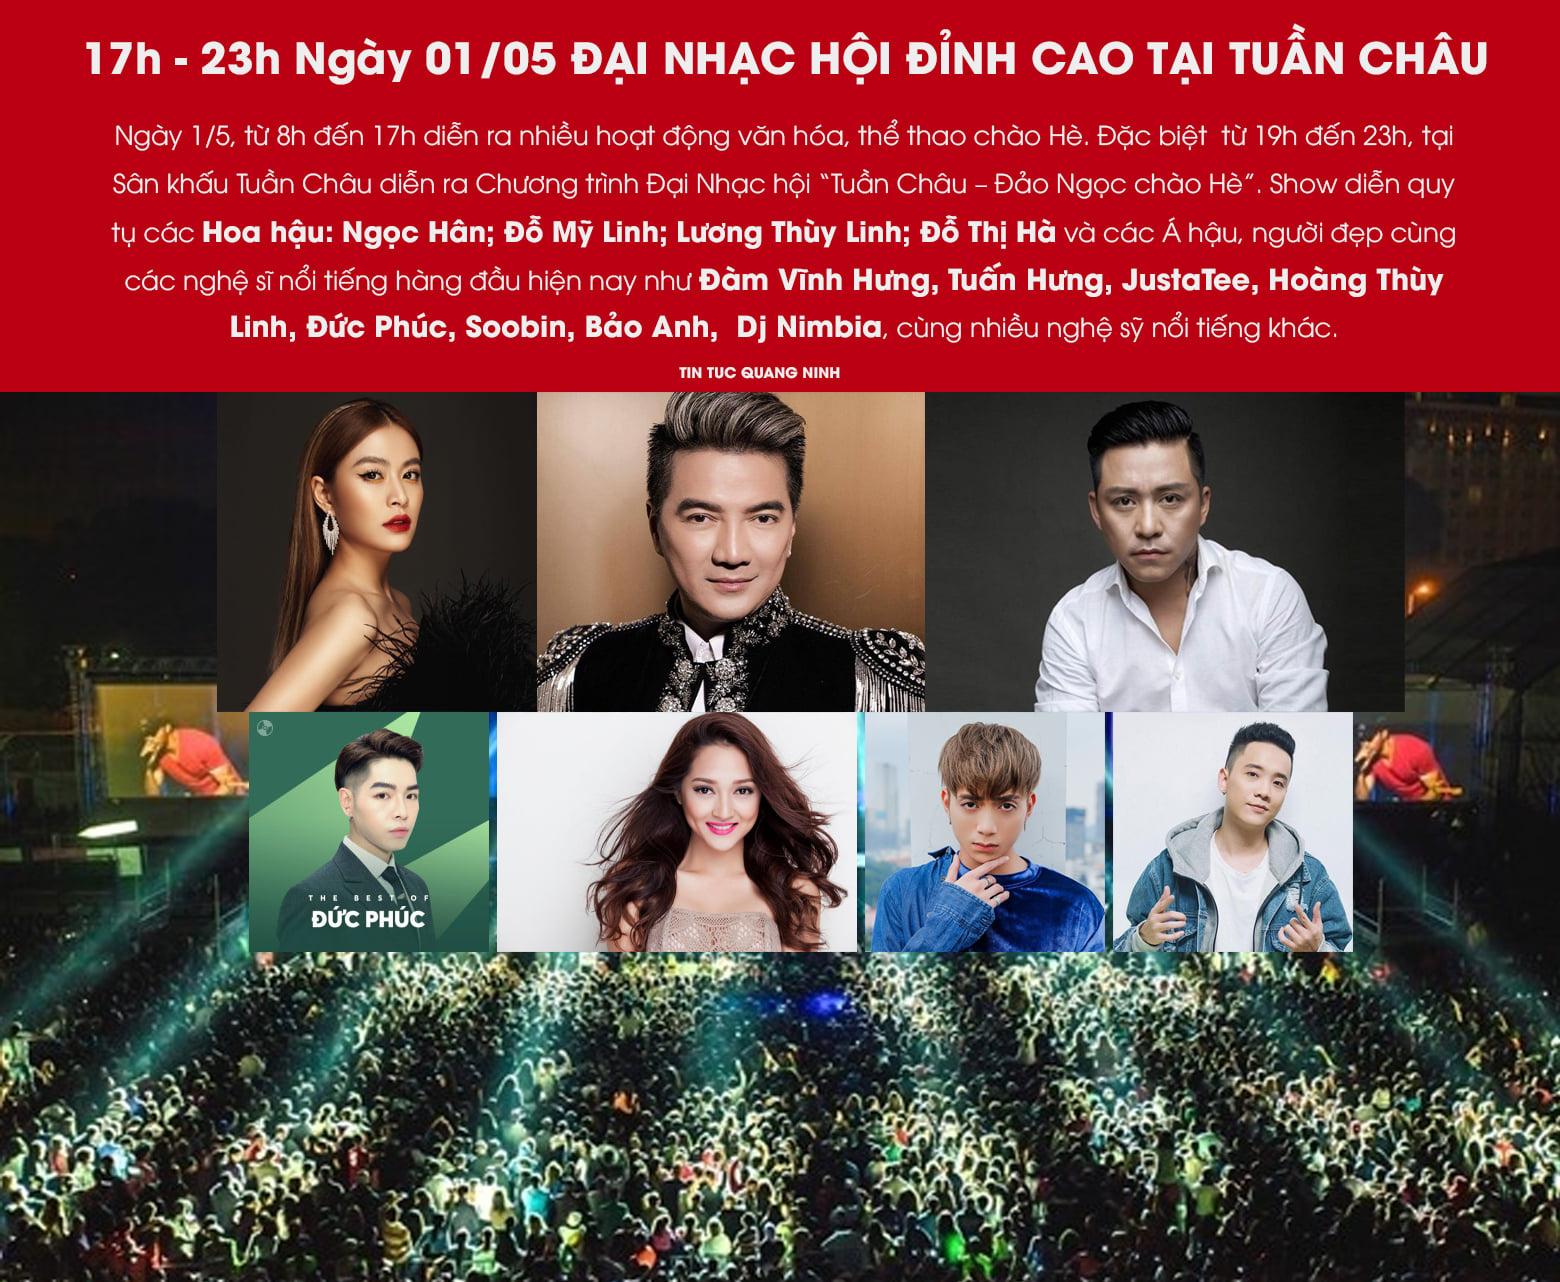 Lễ hội âm nhạc ở Tuần Châu